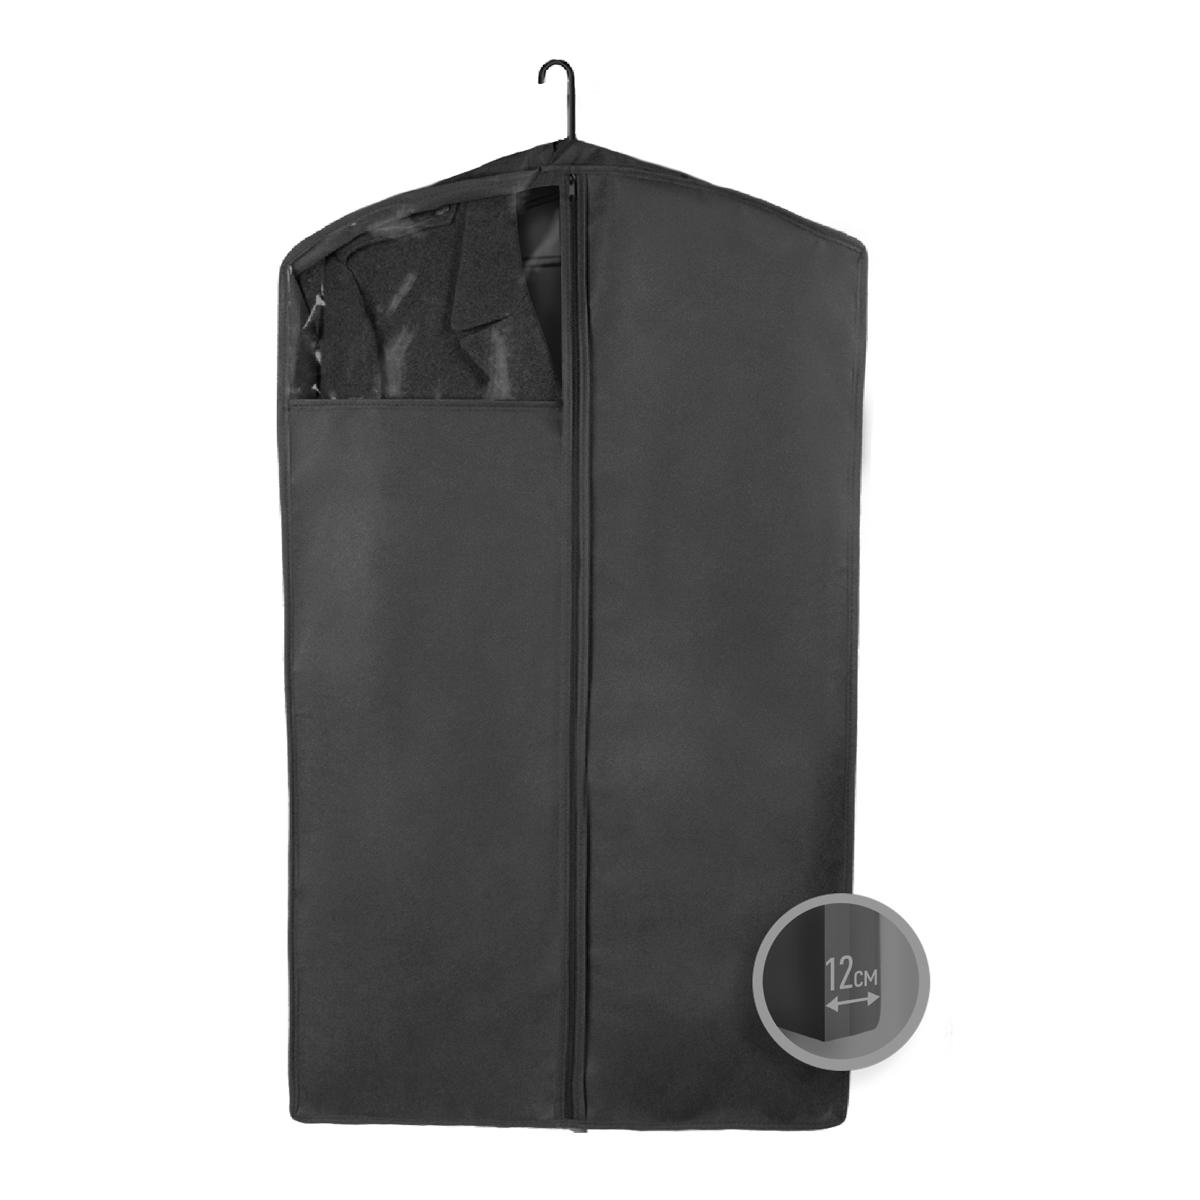 Чехол для верхней одежды Miolla, с окошком, цвет: черный, 100 х 60 х 12 смCHL-3-4Чехол для верхней одежды Miolla на застежке-молнии выполнен из высококачественного нетканого материала. Прозрачное полиэтиленовое окошко позволяет видеть содержимое чехла. Подходит для длительного хранения вещей. Чехол обеспечивает вашей одежде надежную защиту от влажности, повреждений и грязи при транспортировке, от запыления при хранении и проникновения моли. Чехол обладает водоотталкивающими свойствами, а также позволяет воздуху свободно поступать внутрь вещей, обеспечивая их кондиционирование. Это особенно важно при хранении кожаных и меховых изделий. Размер чехла: 100 х 60 х 12 см.